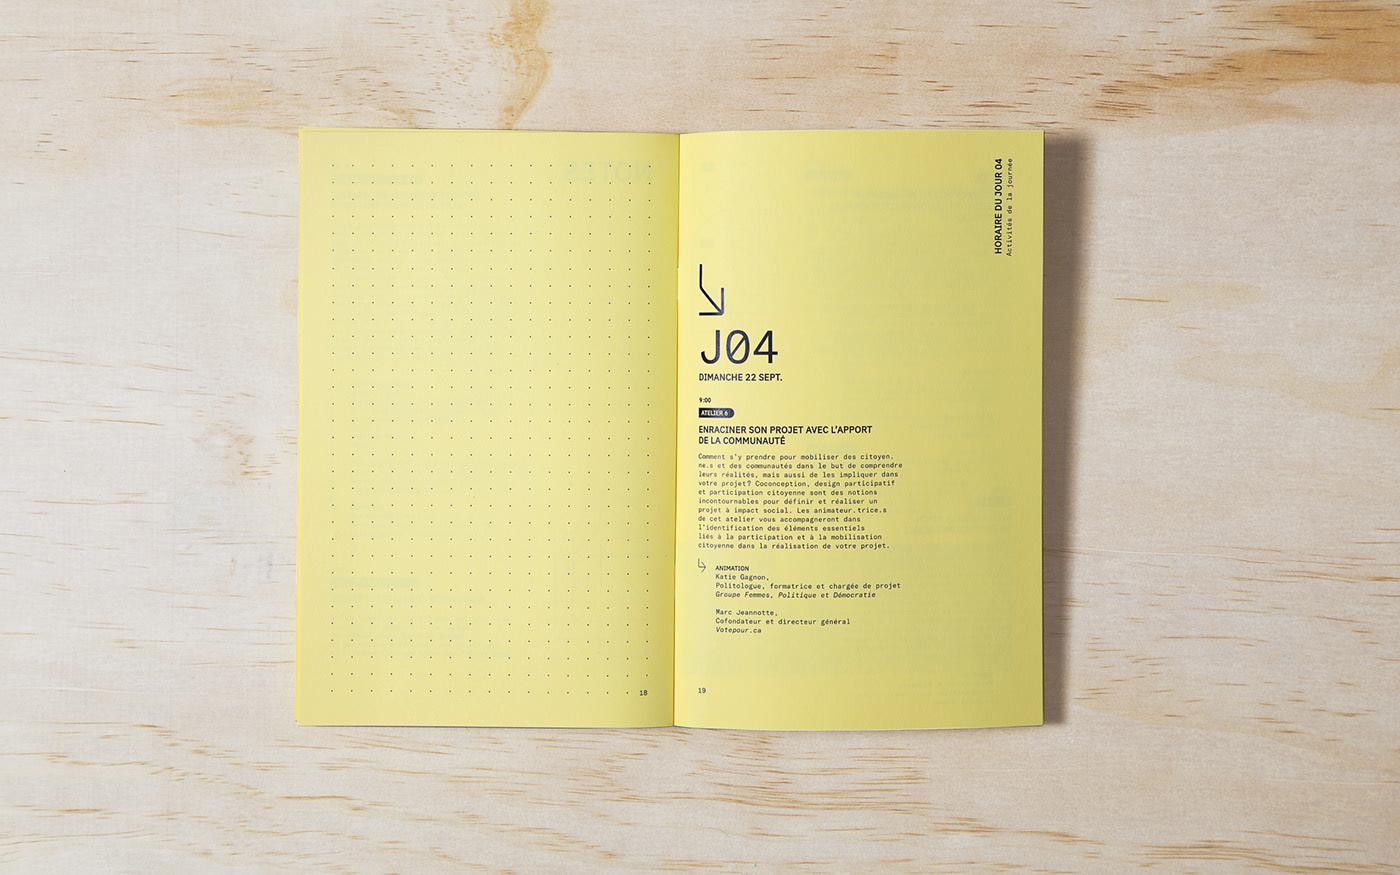 Онлайн-типография: первый заказ